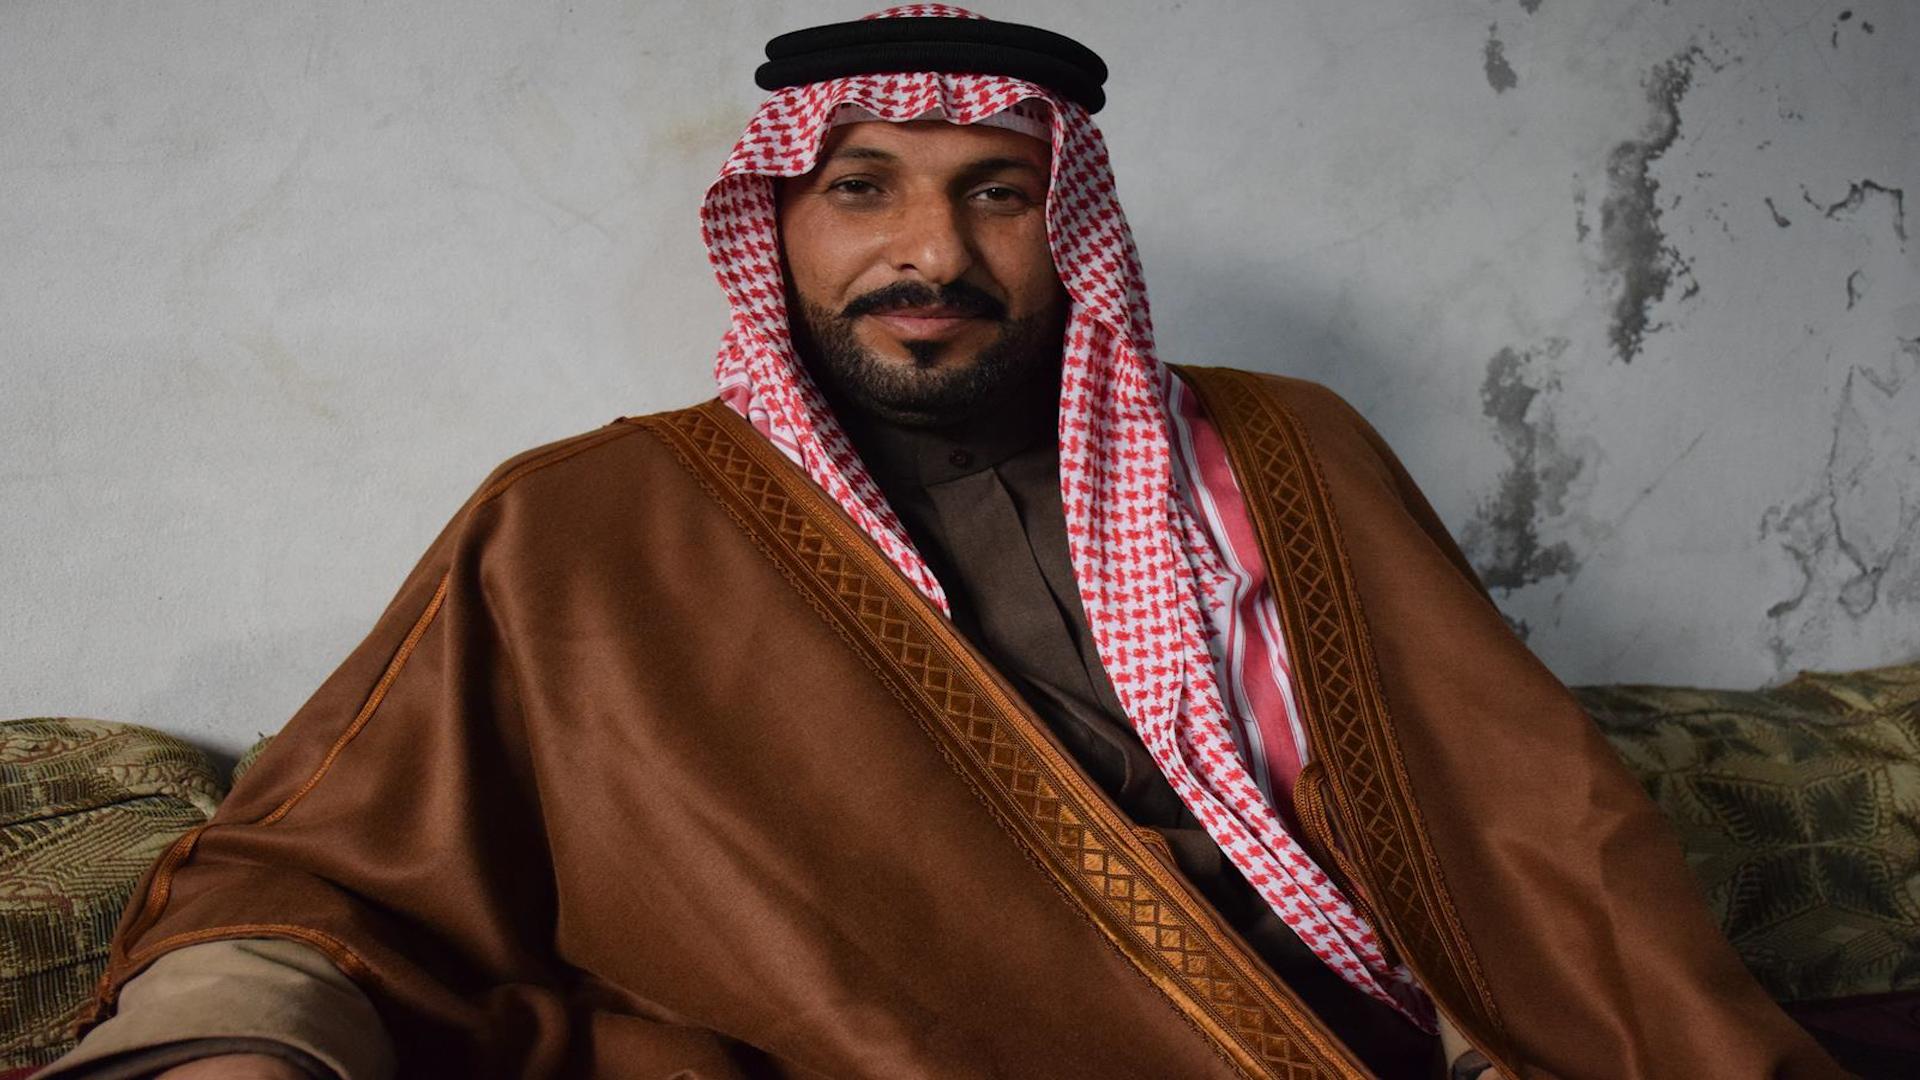 Photo of Ebdulbasit Elî: Elî Memlûk dixwaze di nav gelan de fitneyê çêbike û em QSD'ê bernadin